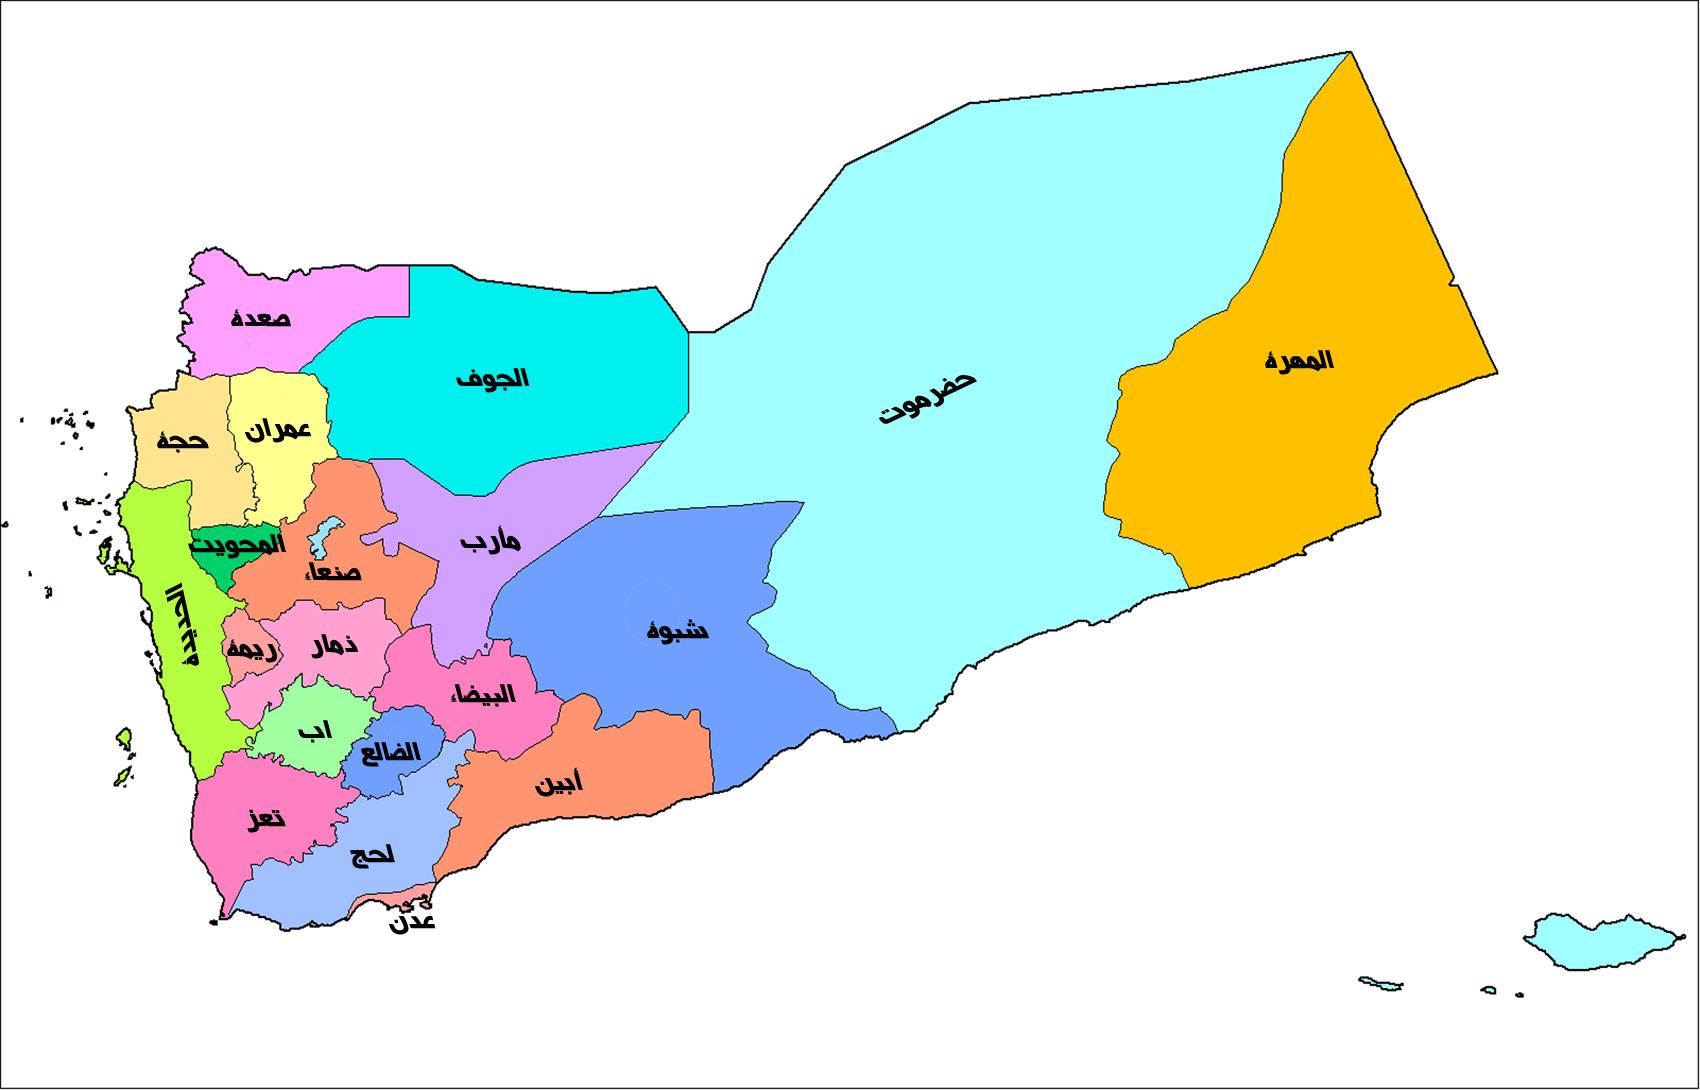 خريطة توضح محافظات اليمن.